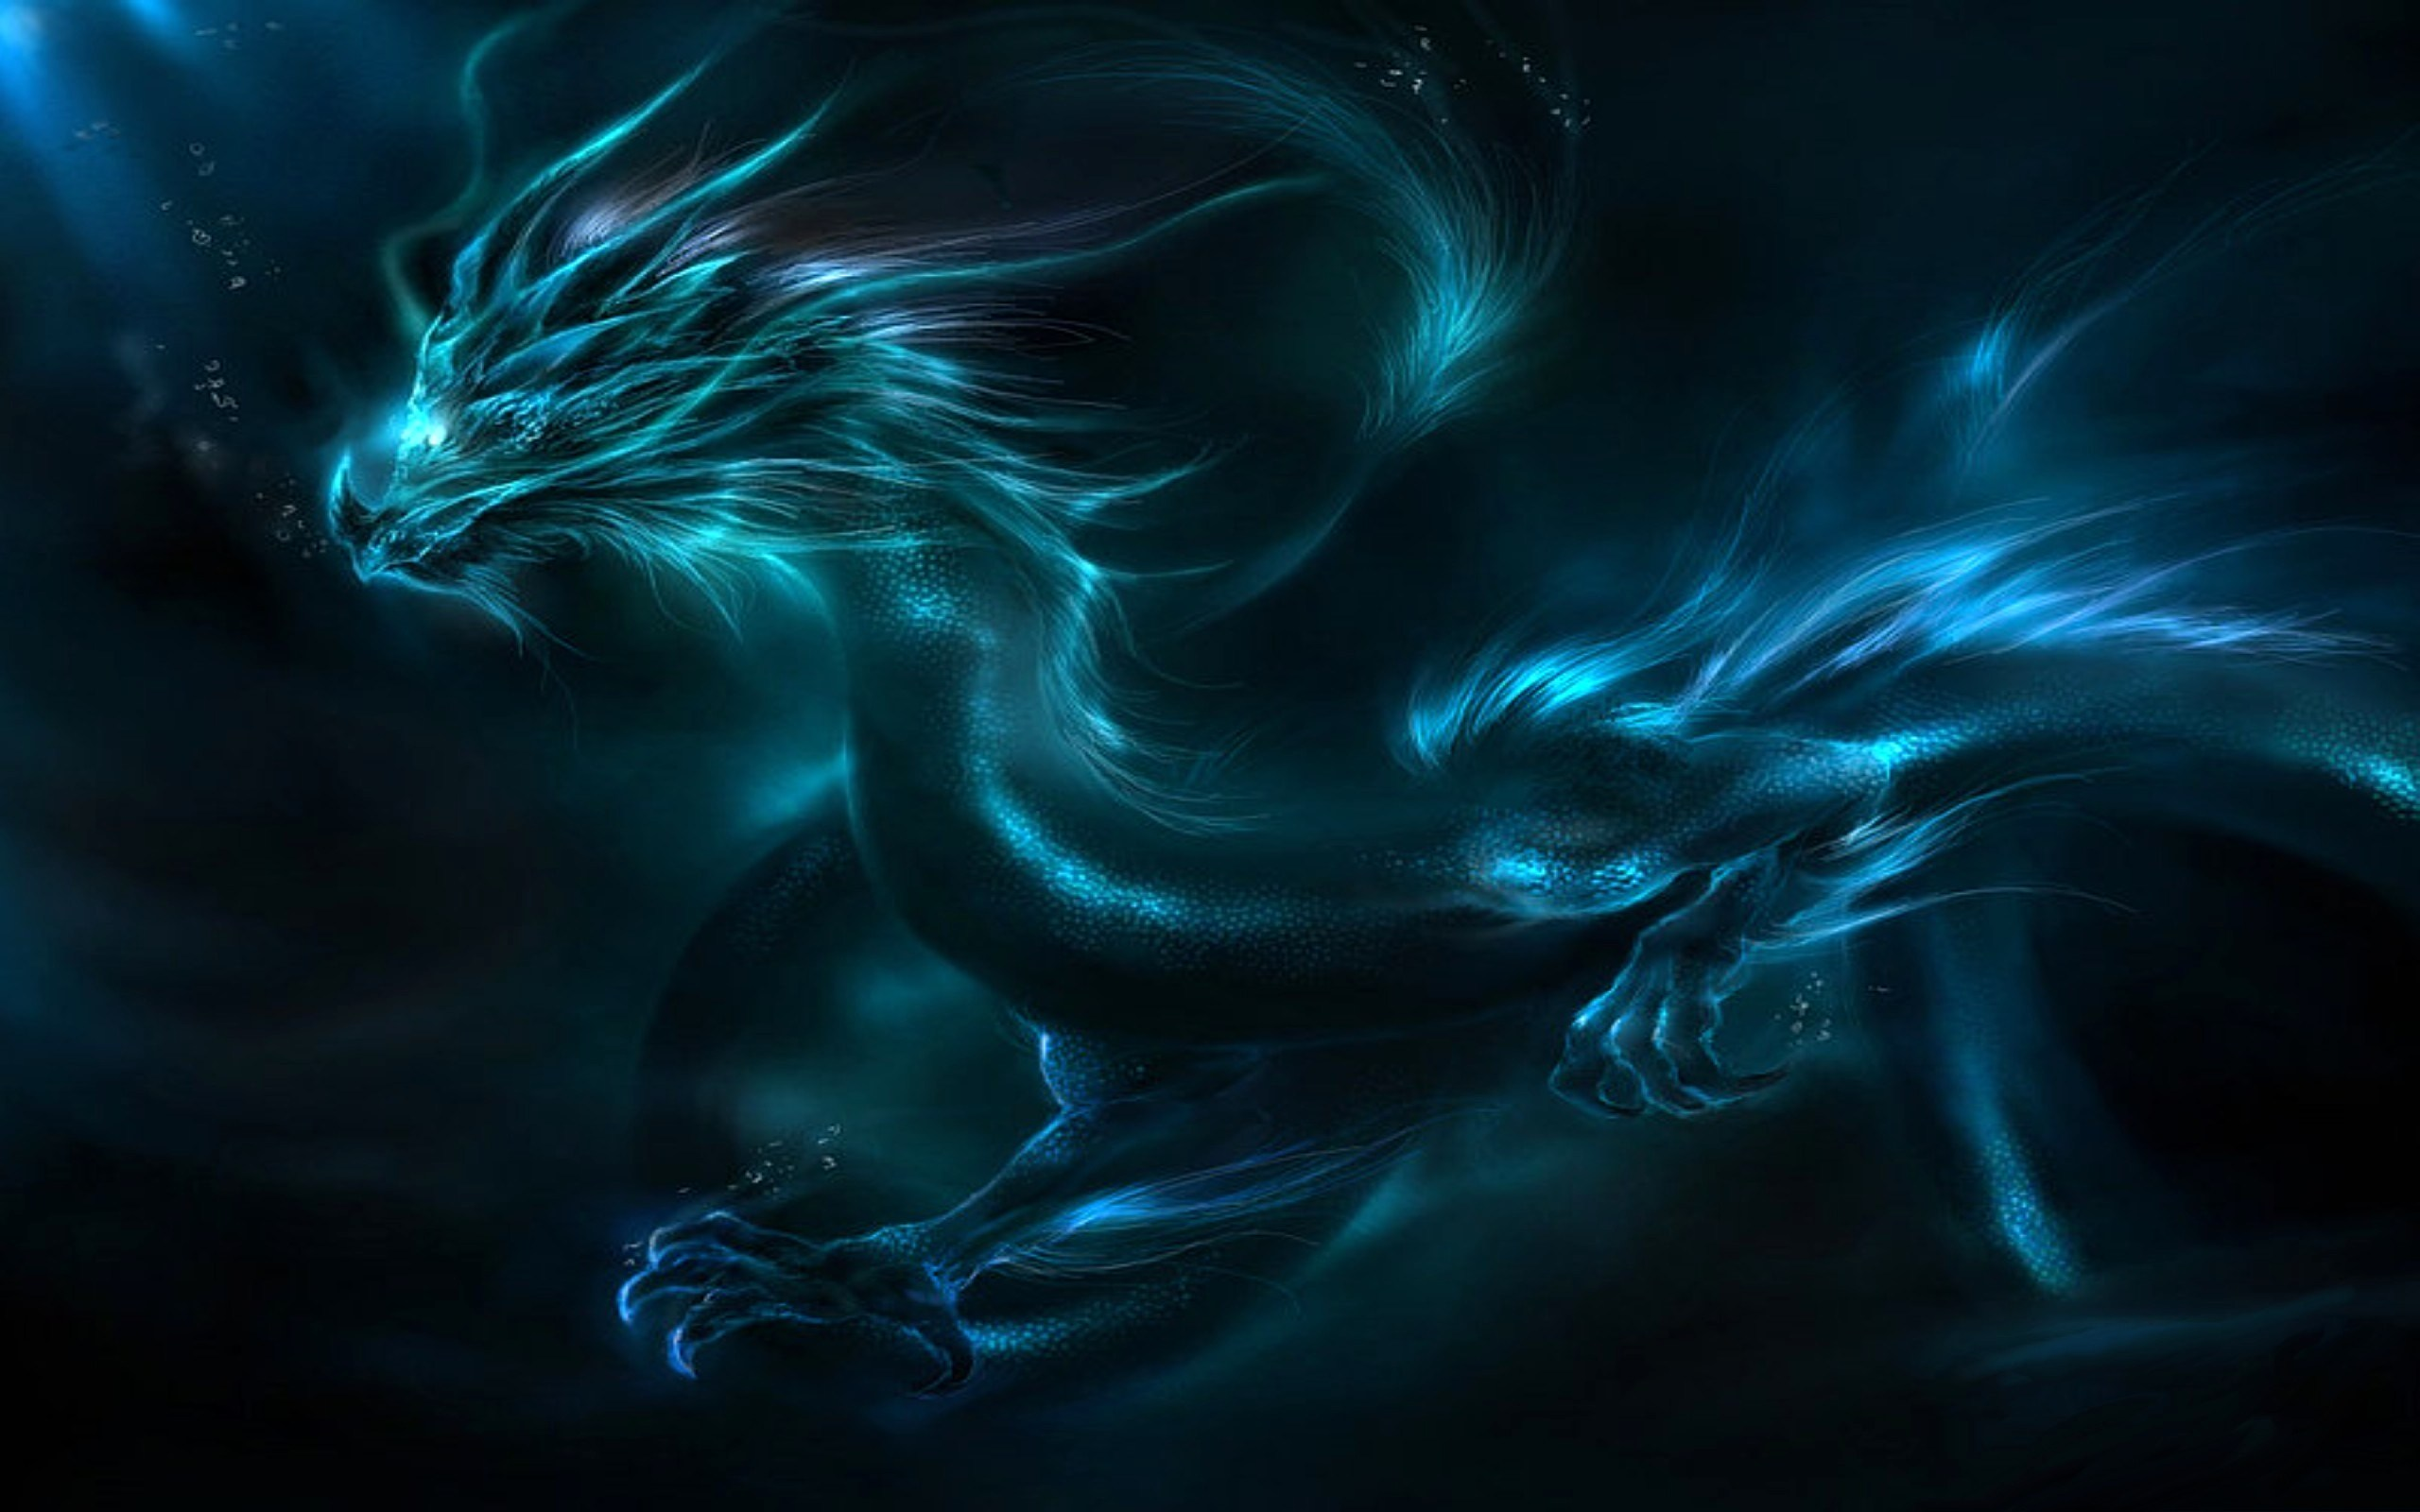 fond d'ecran dragon